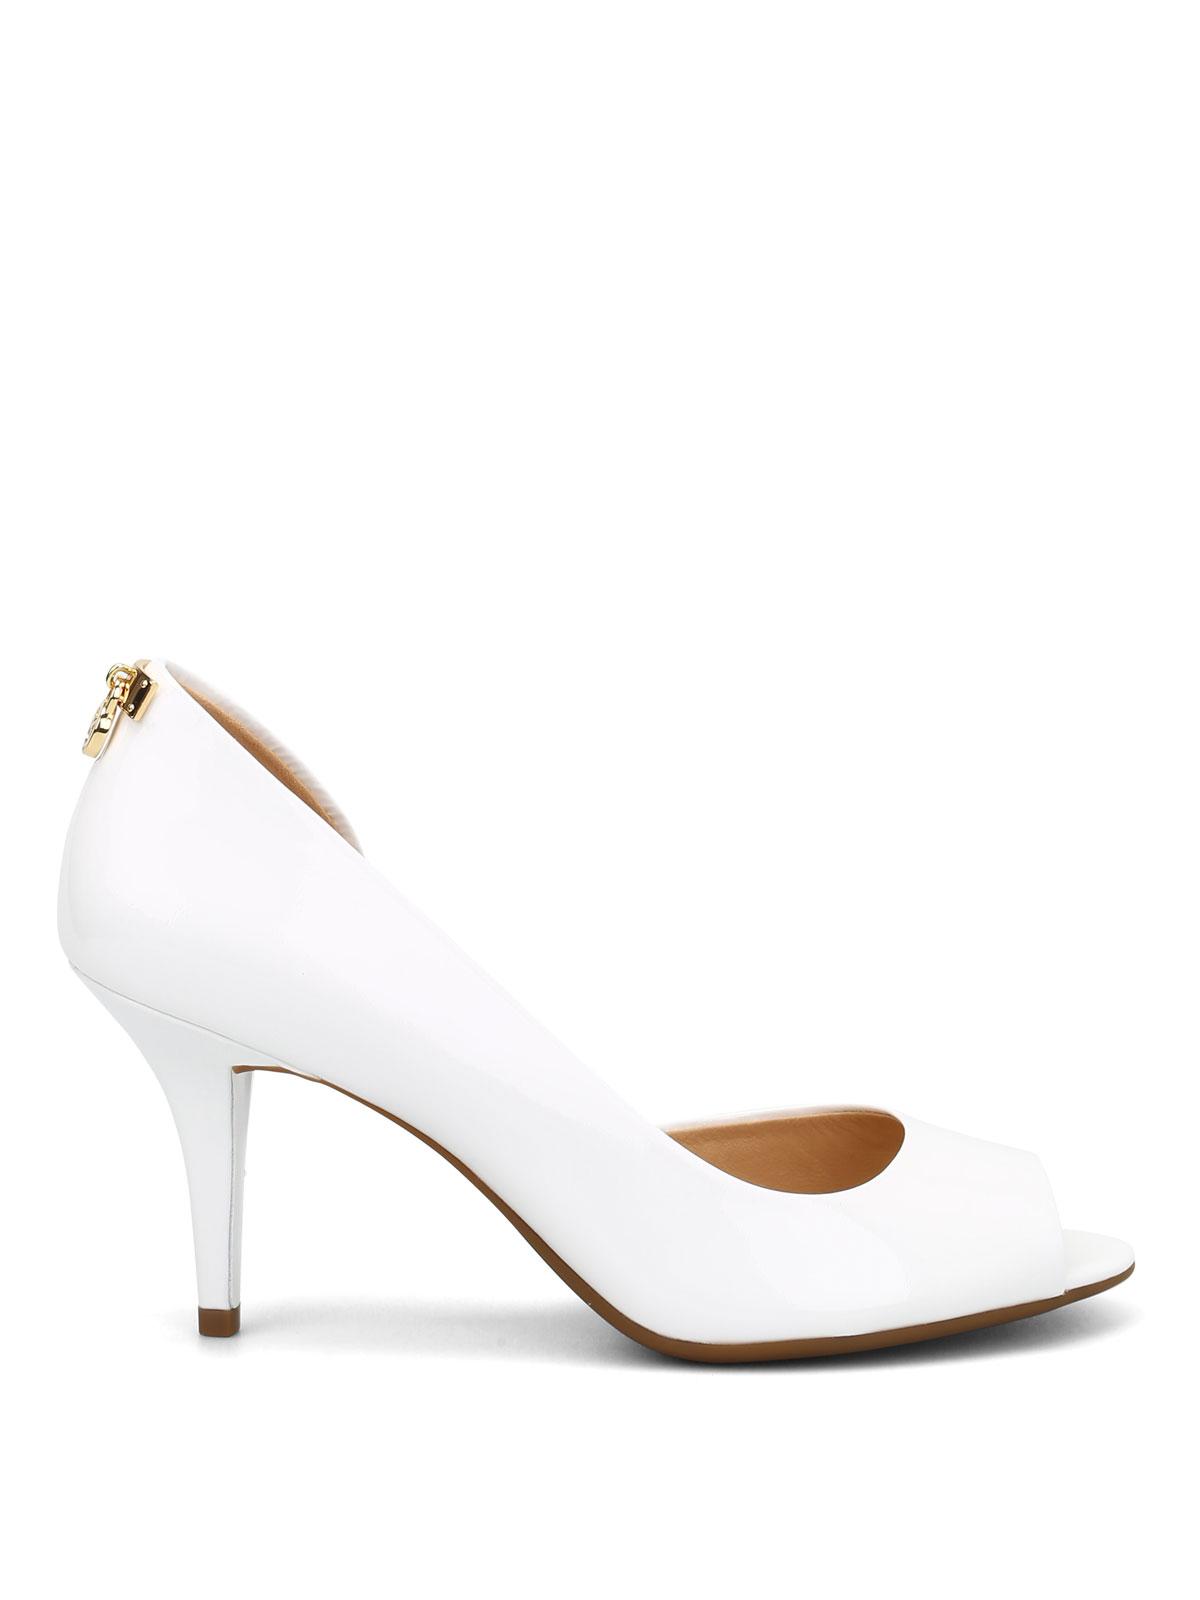 8efc3af68e18 Michael Kors - Hamilton patent leather court shoes - court shoes ...